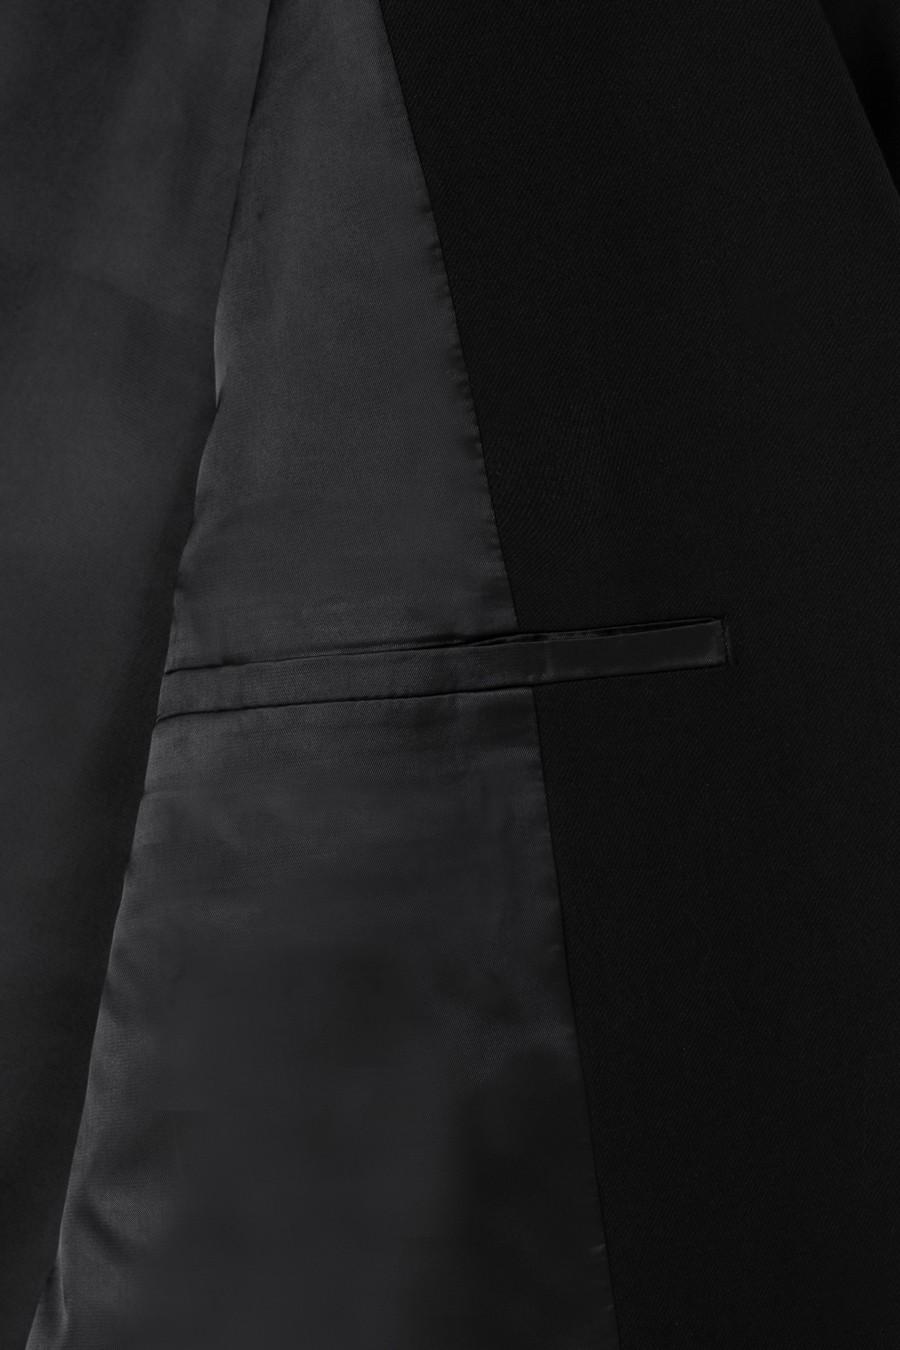 인사일런스(IN SILENCE) 오버사이즈 울 블레이저 BLACK